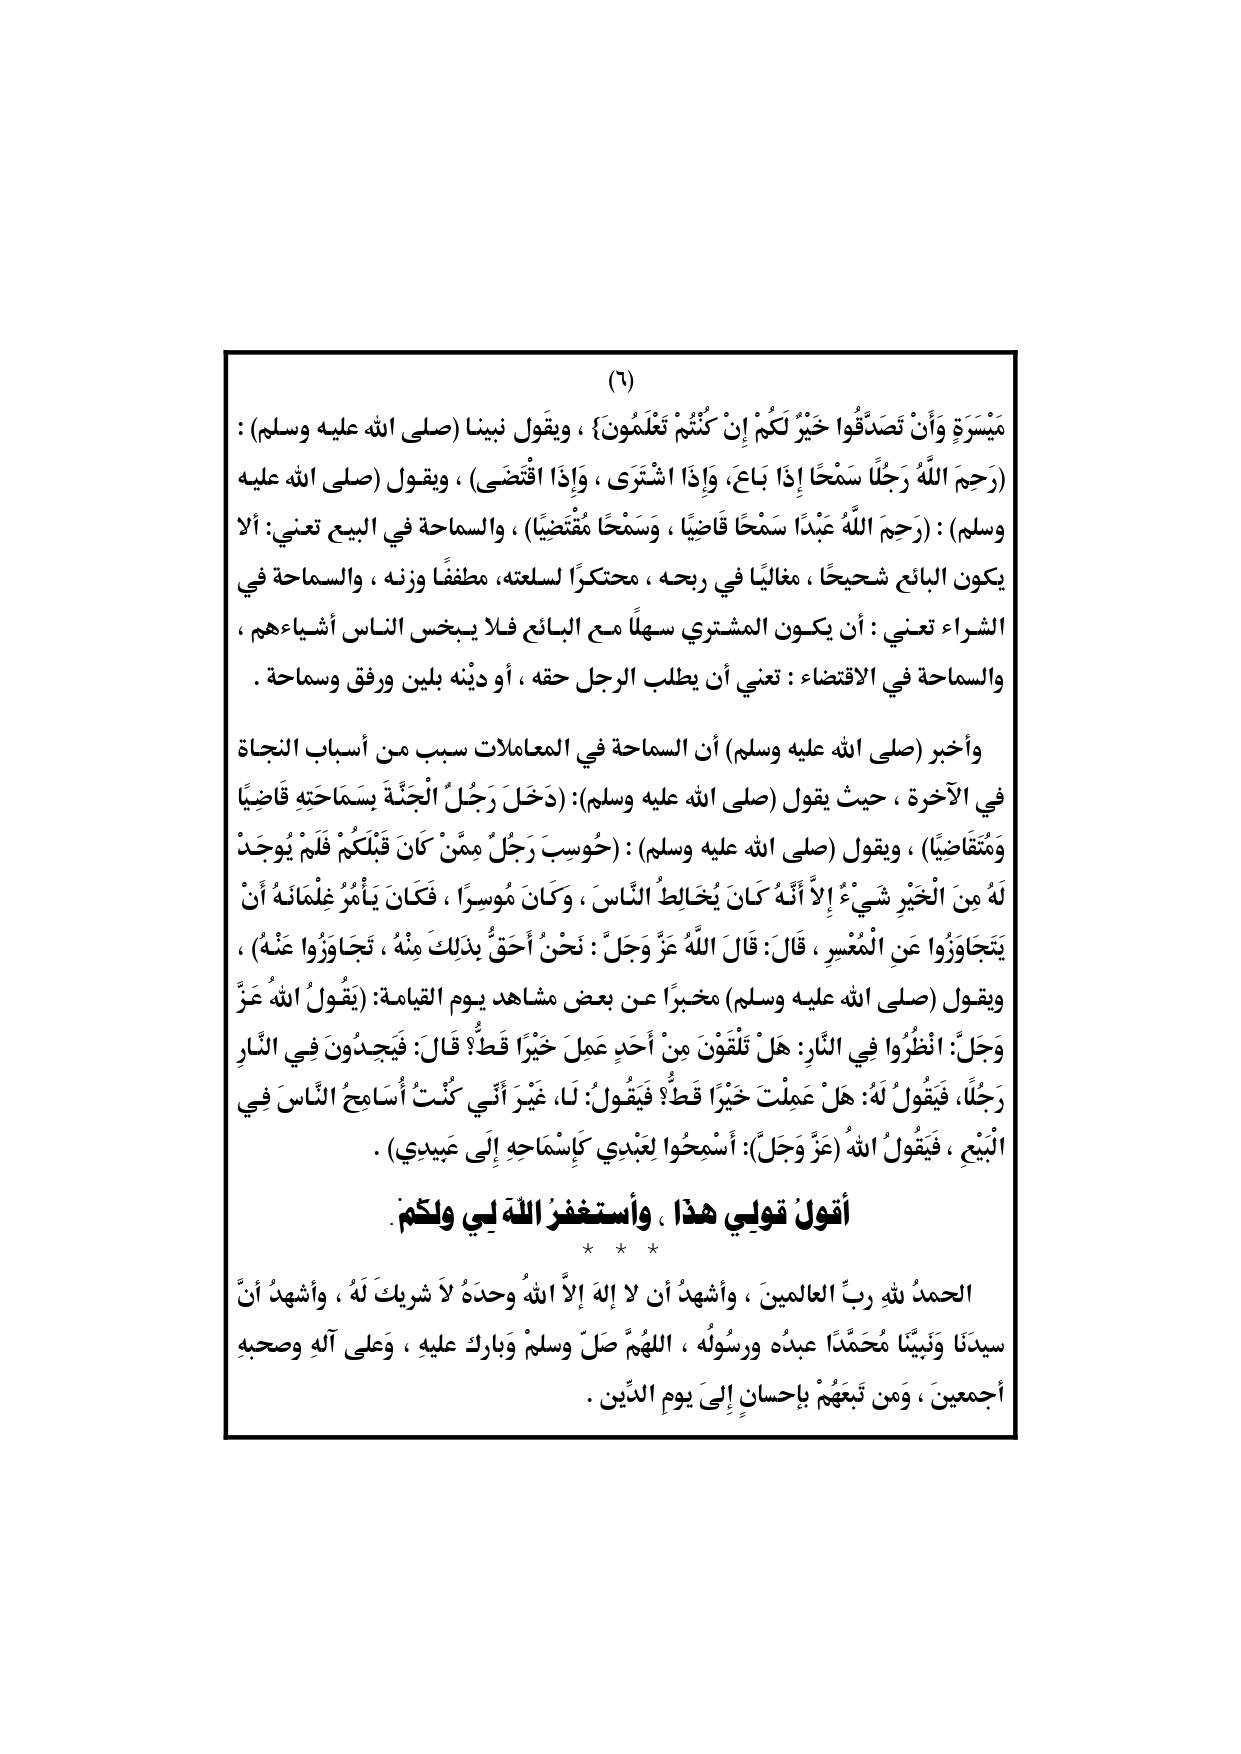 من مظاهر العظمة في الشريعة الإسلامية السماحة والتيسير خطبة الجمعة pdf ، الخطبة الثانية